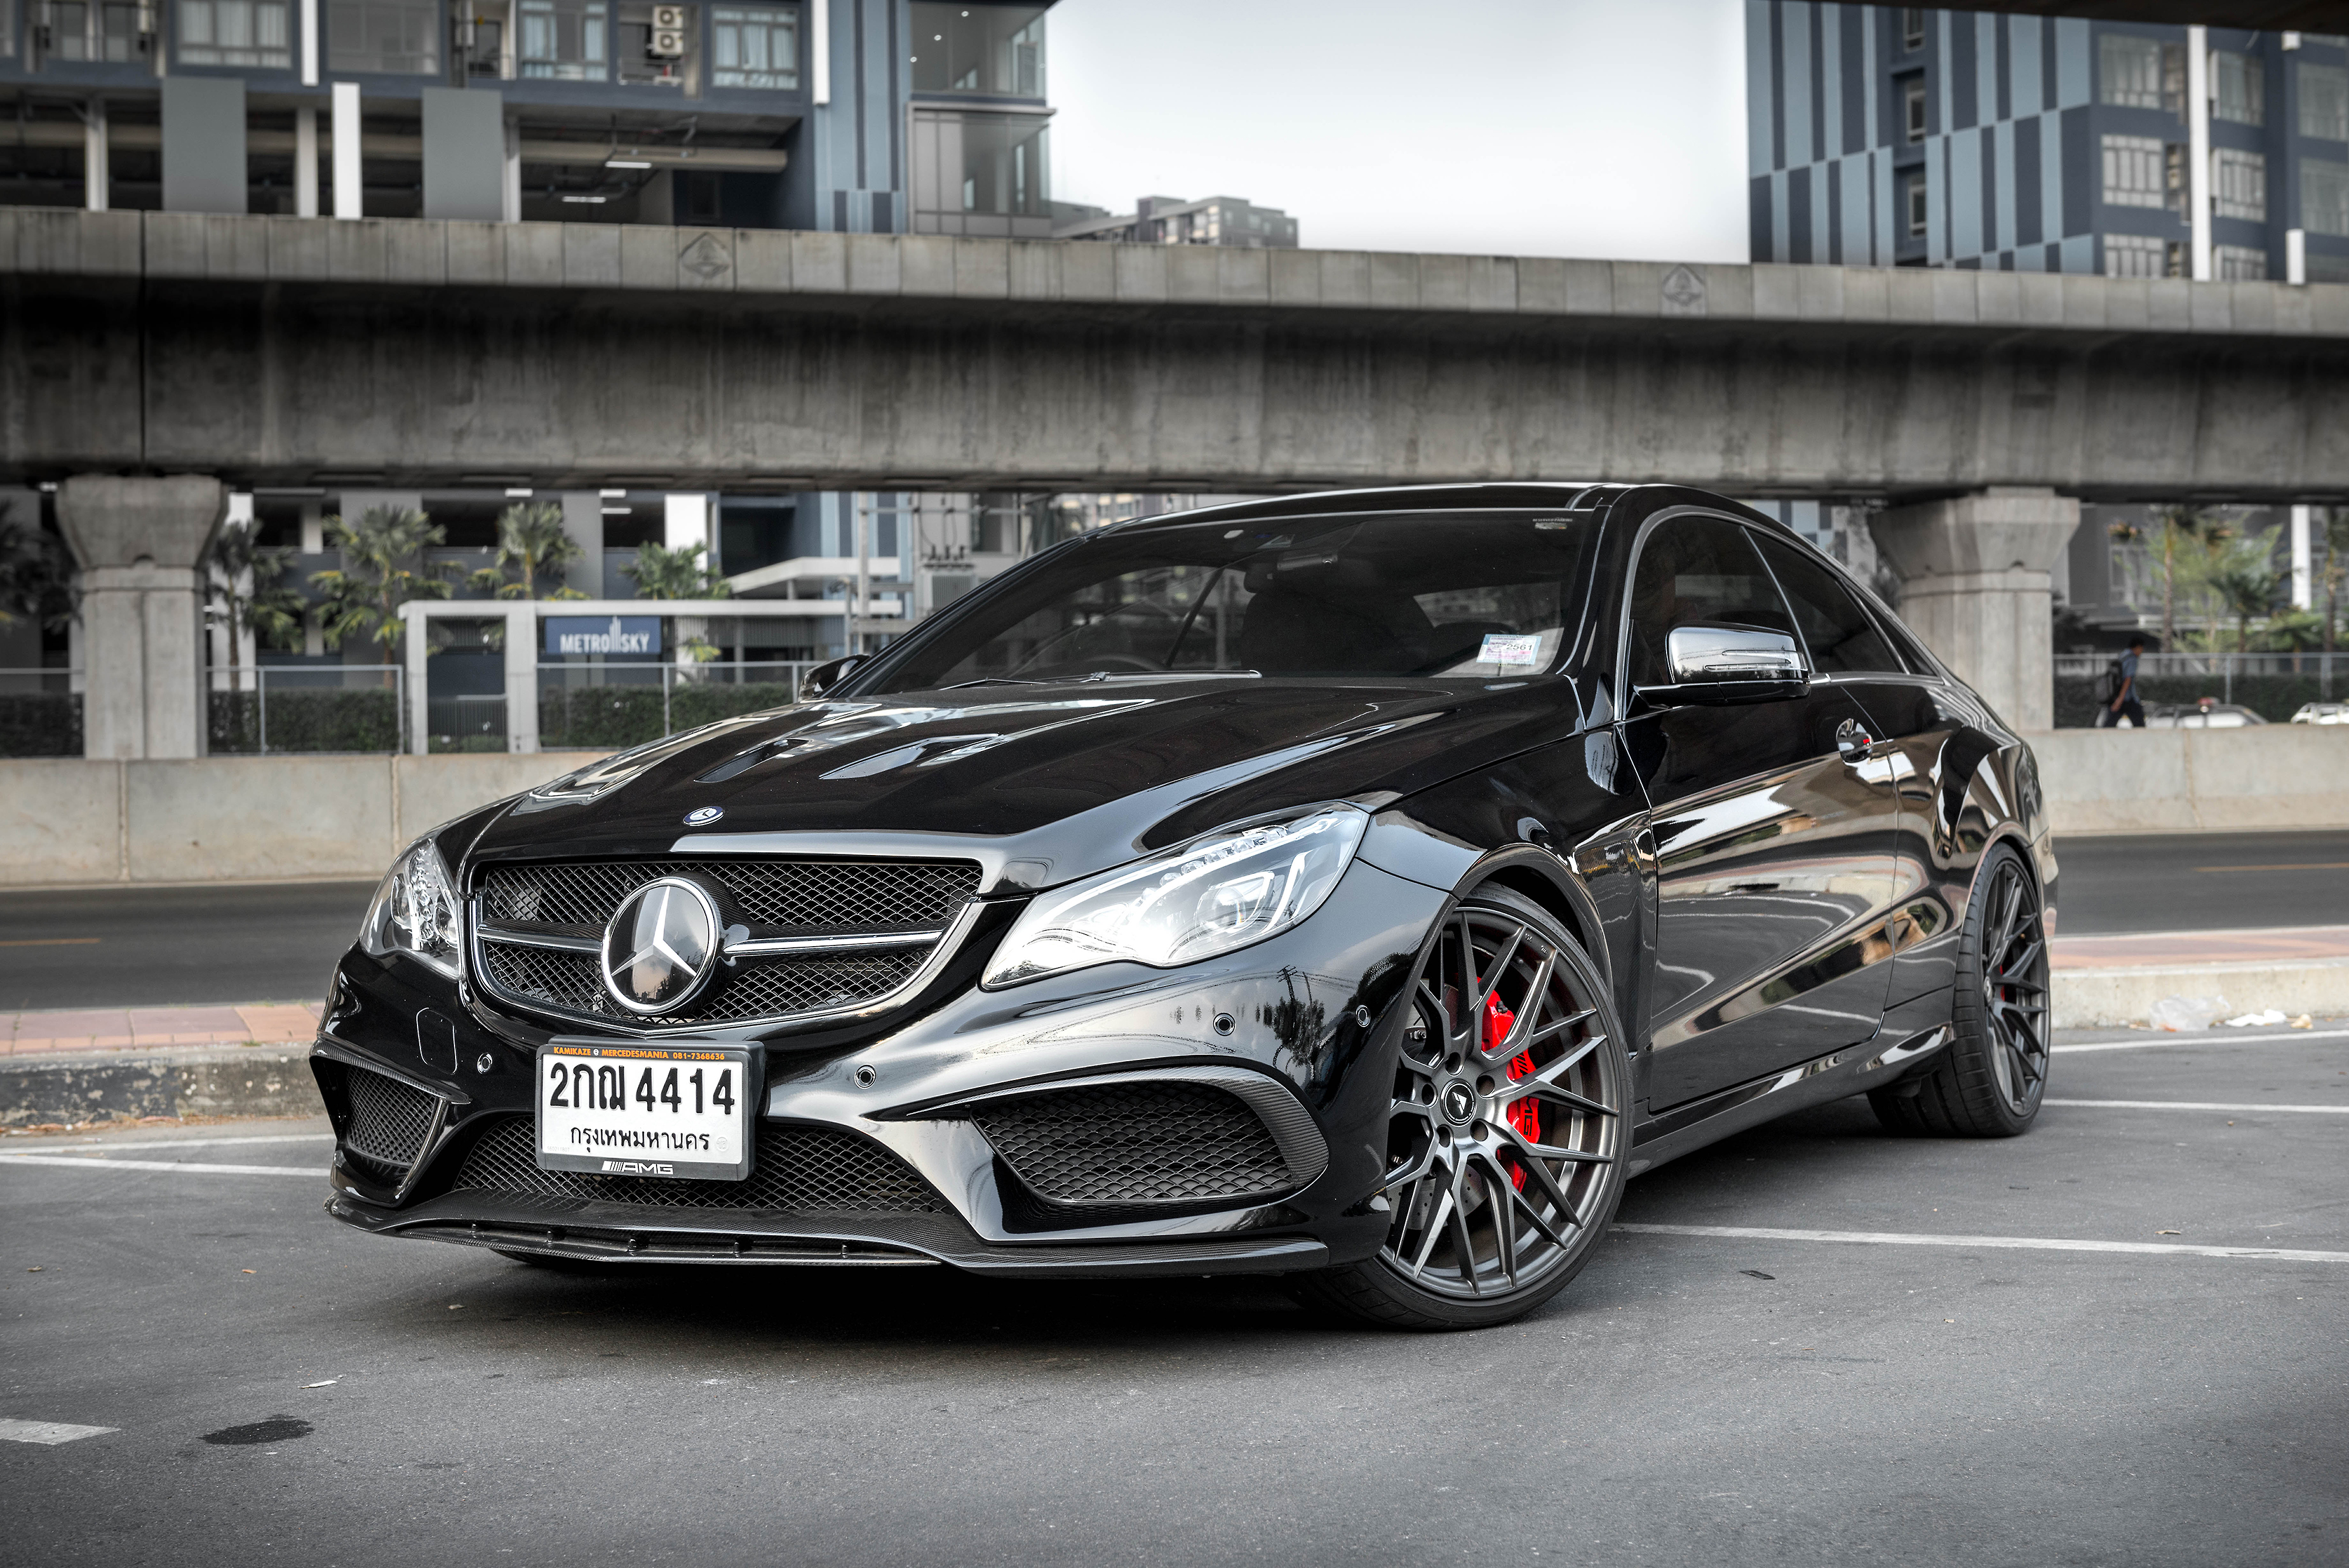 Mercedes carbon fiber front lip